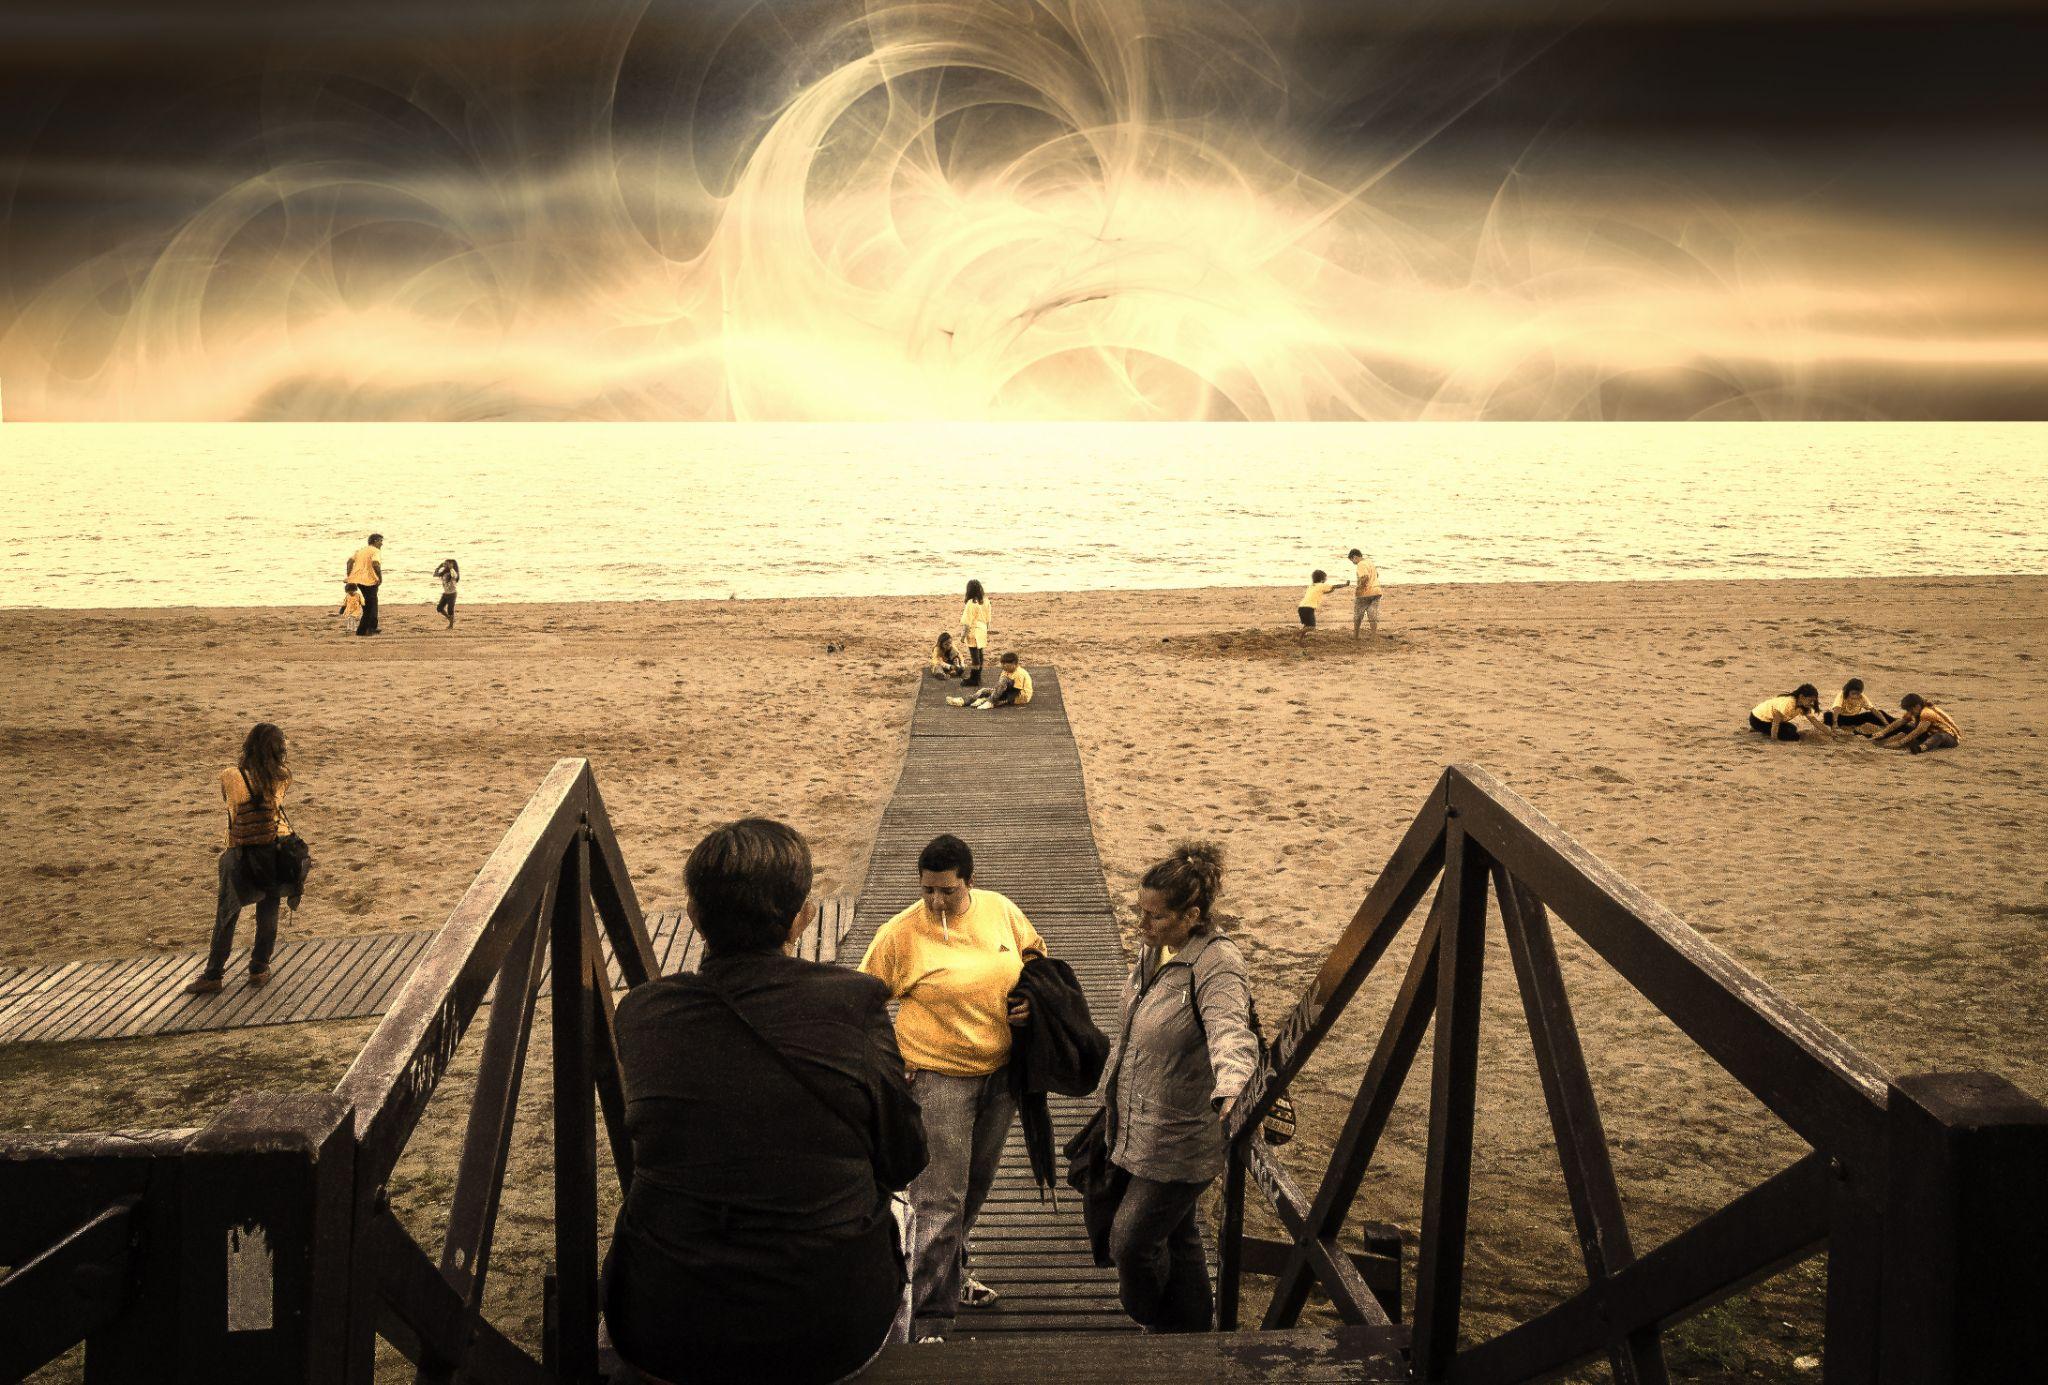 A fiesta of heaven by josepmora28